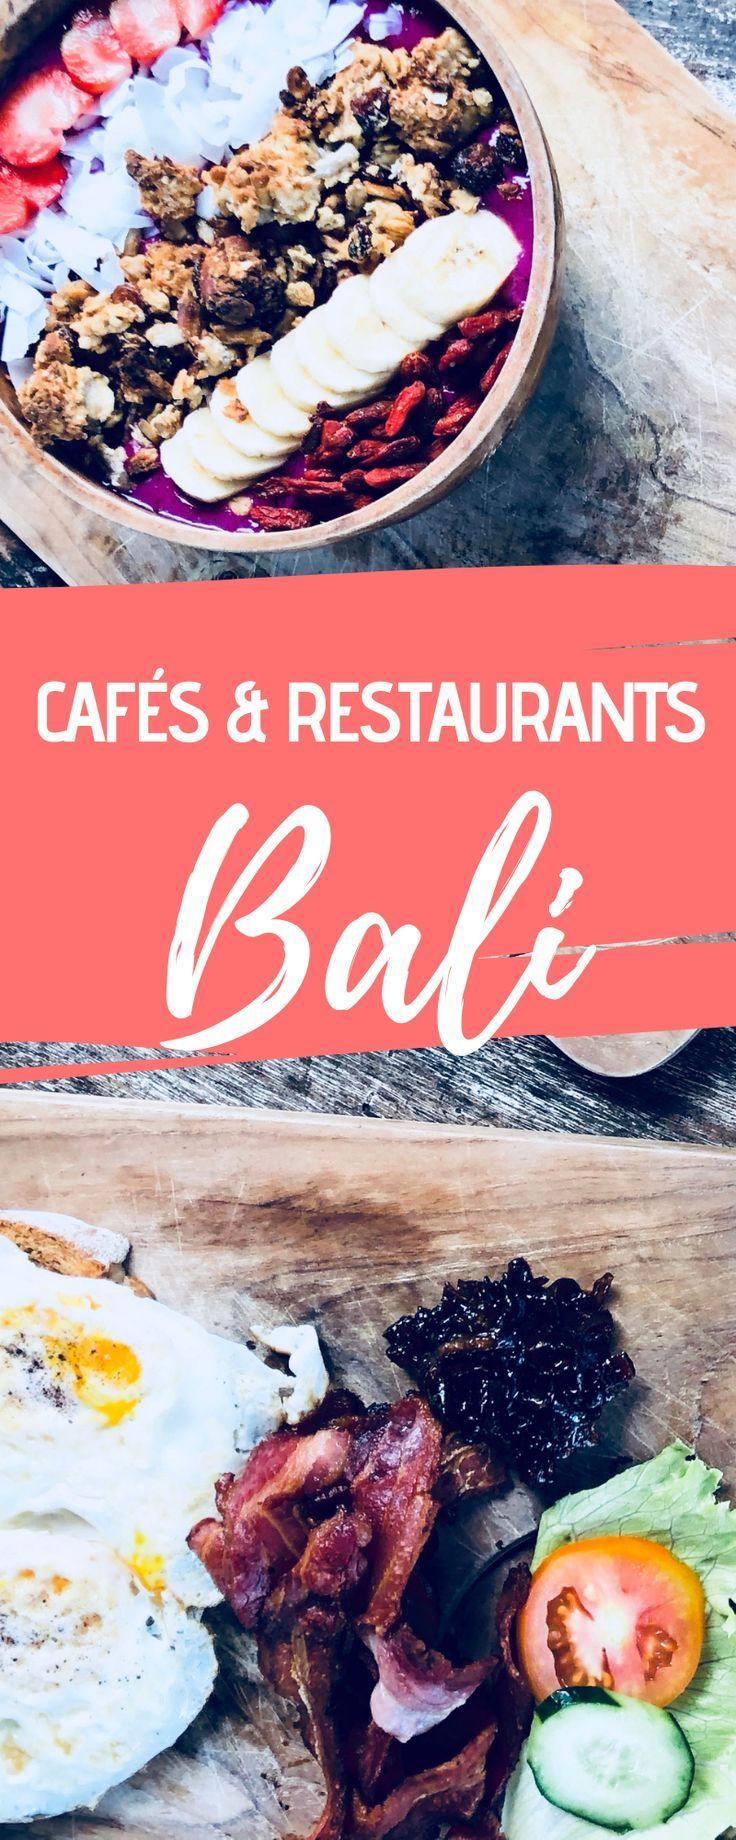 Bali Food Guide Die besten Cafés & Restaurants in Canggu